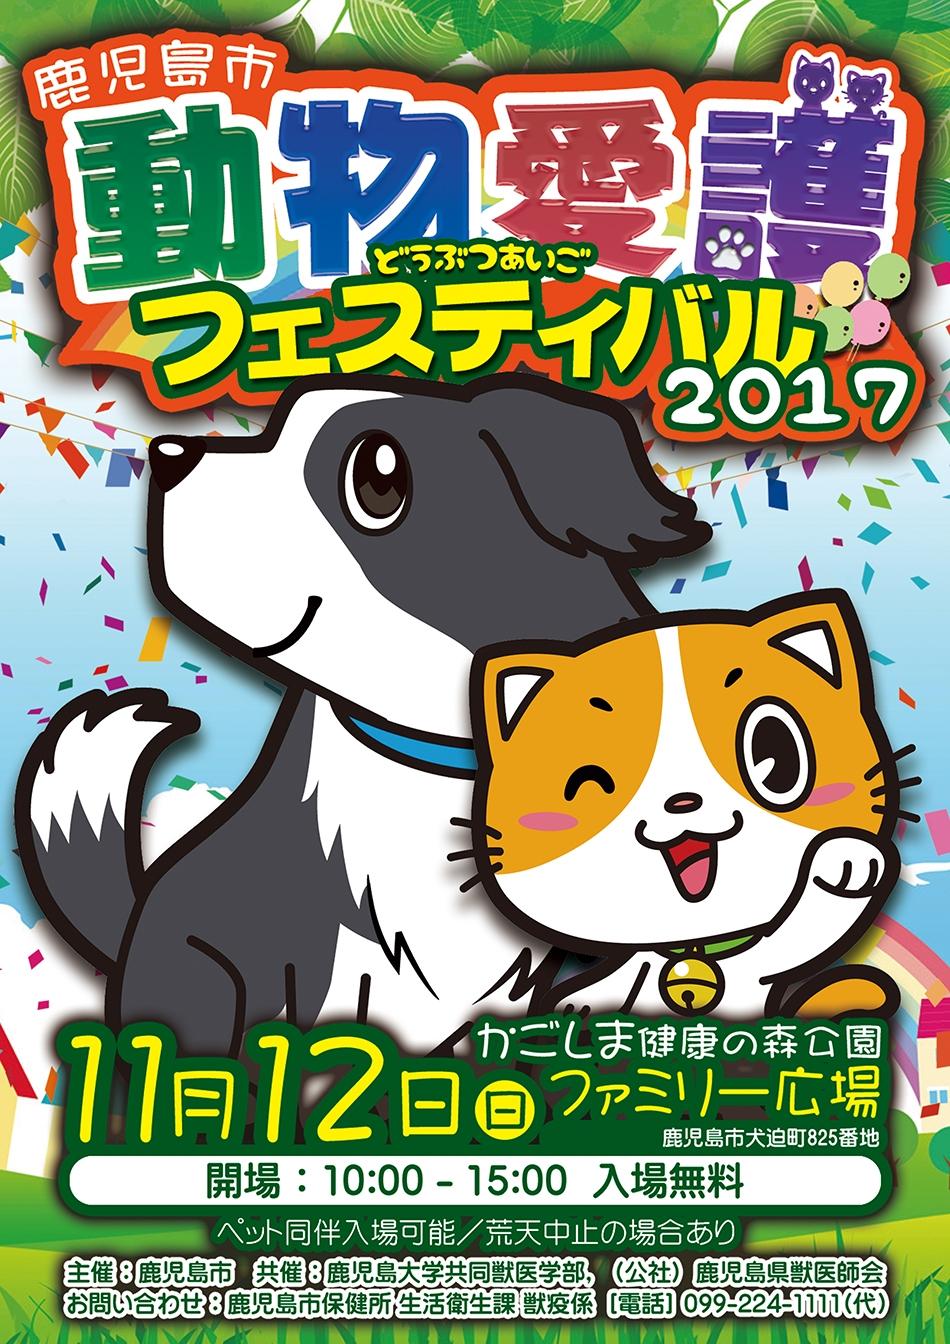 動物愛護フェスティバル2017|ポスター|さくらペットクリニック|動物病院|鹿児島市